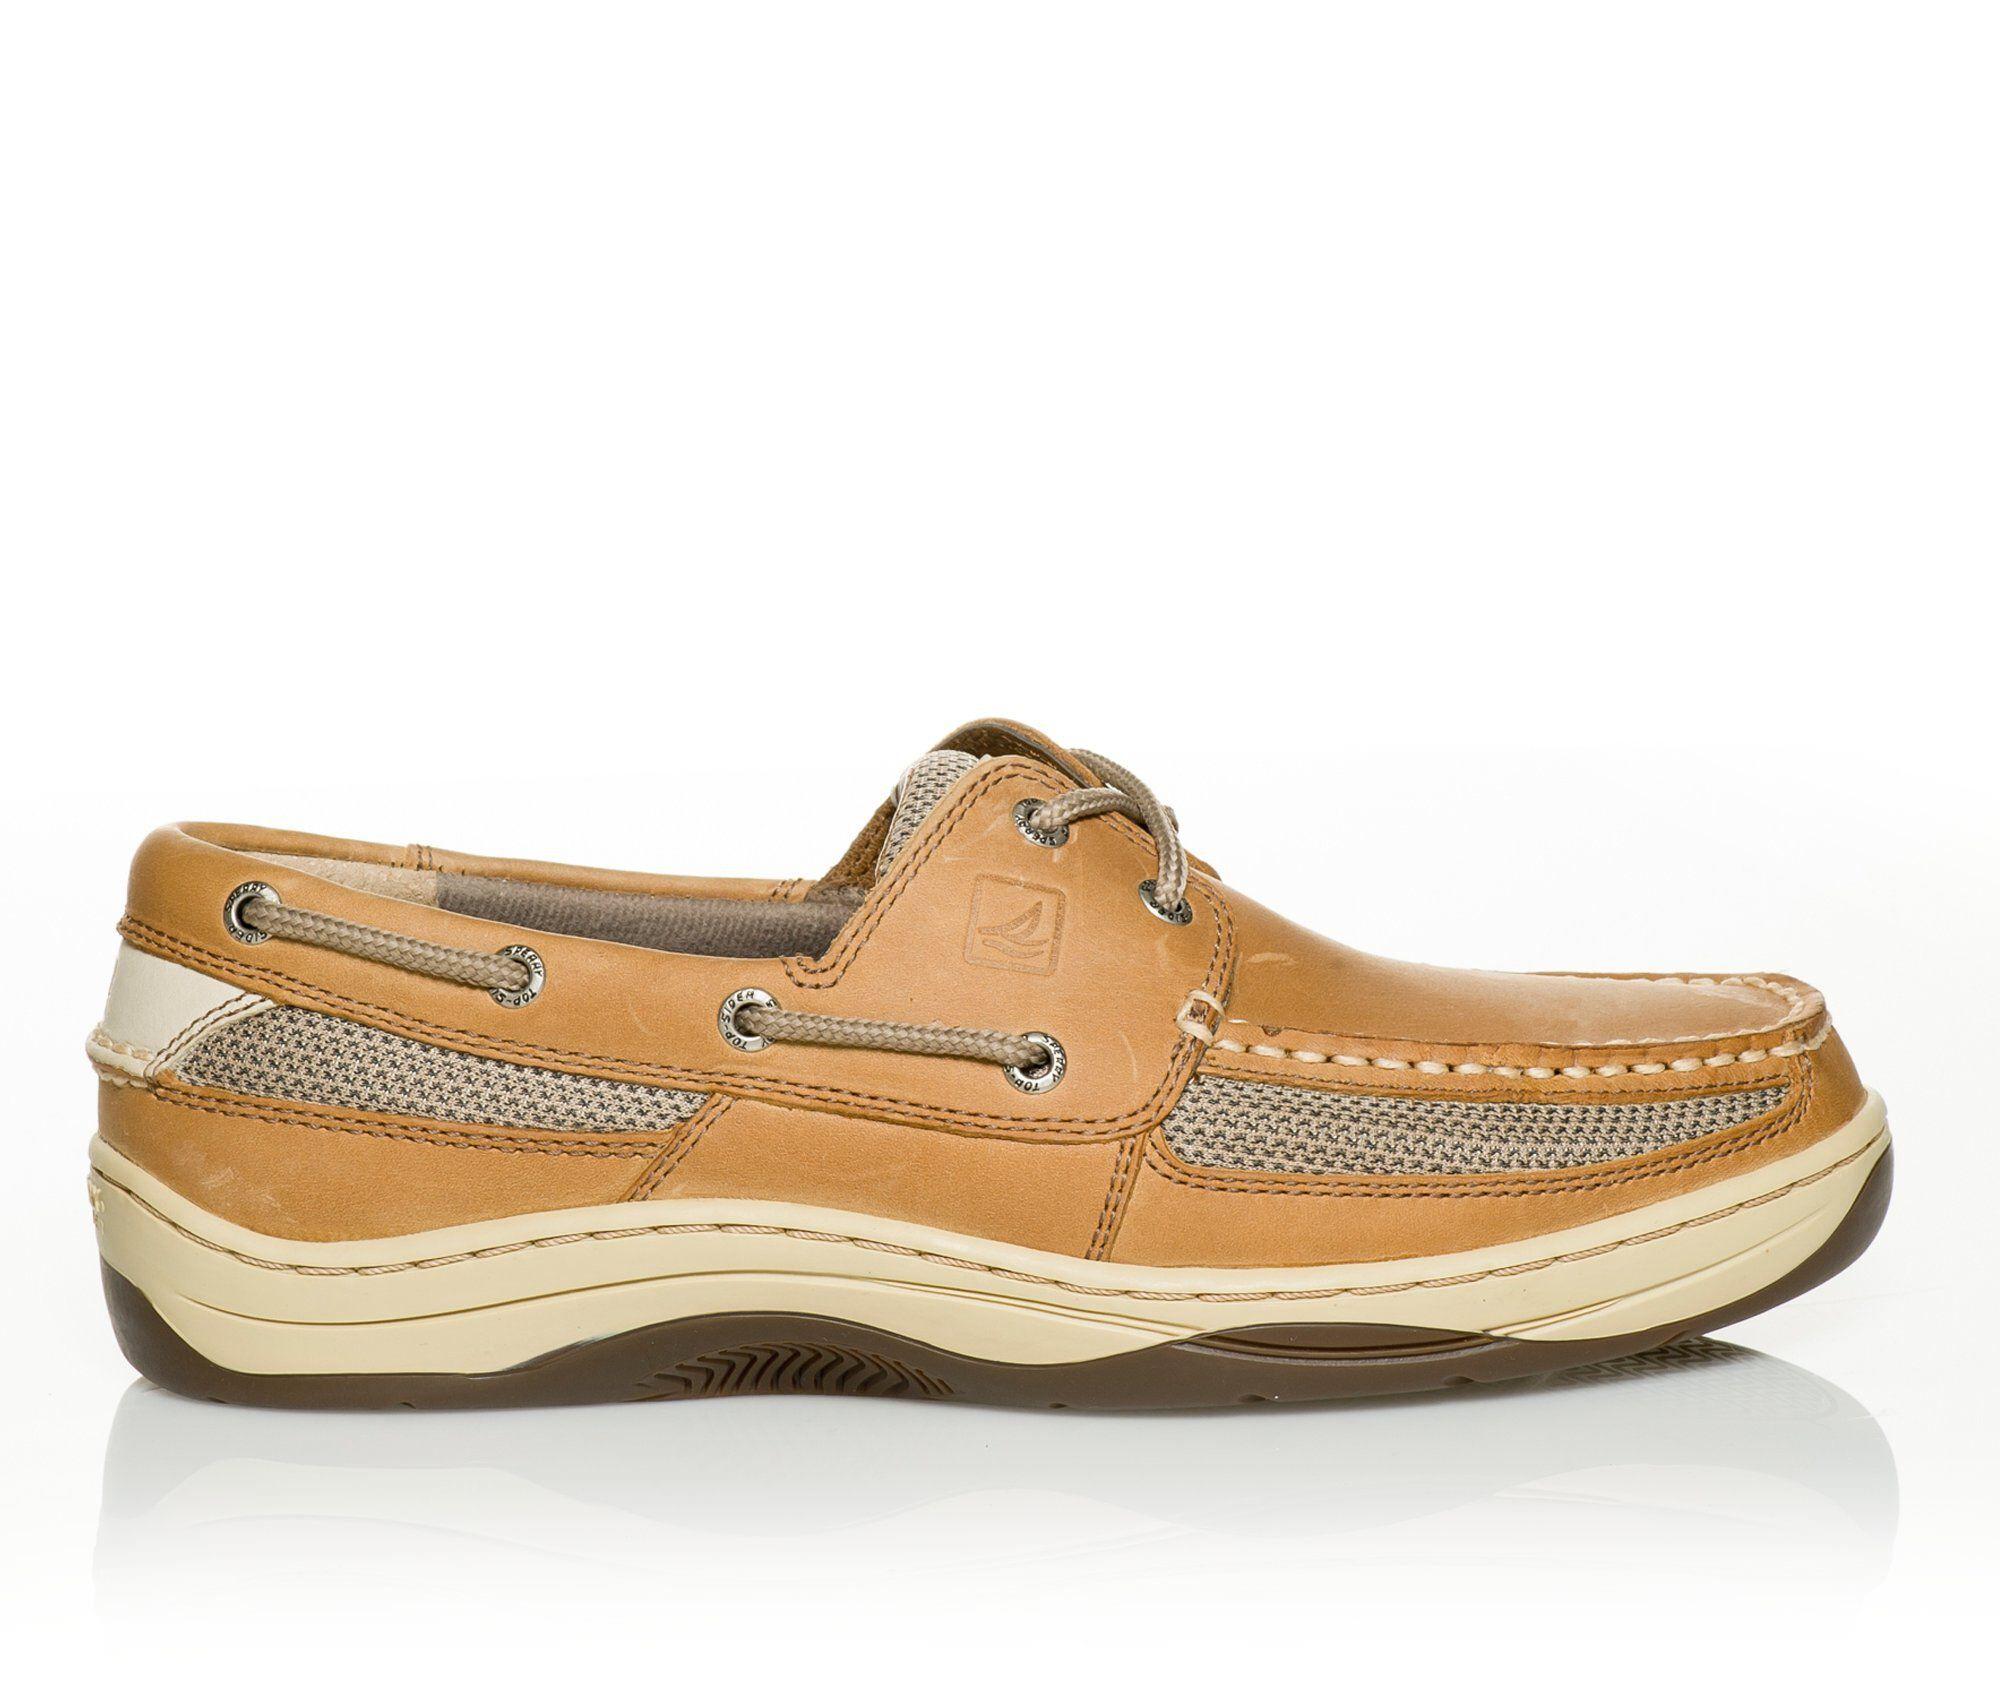 Men's Sperry Tarpon 2 Eye Boat Shoes Linen/Oat